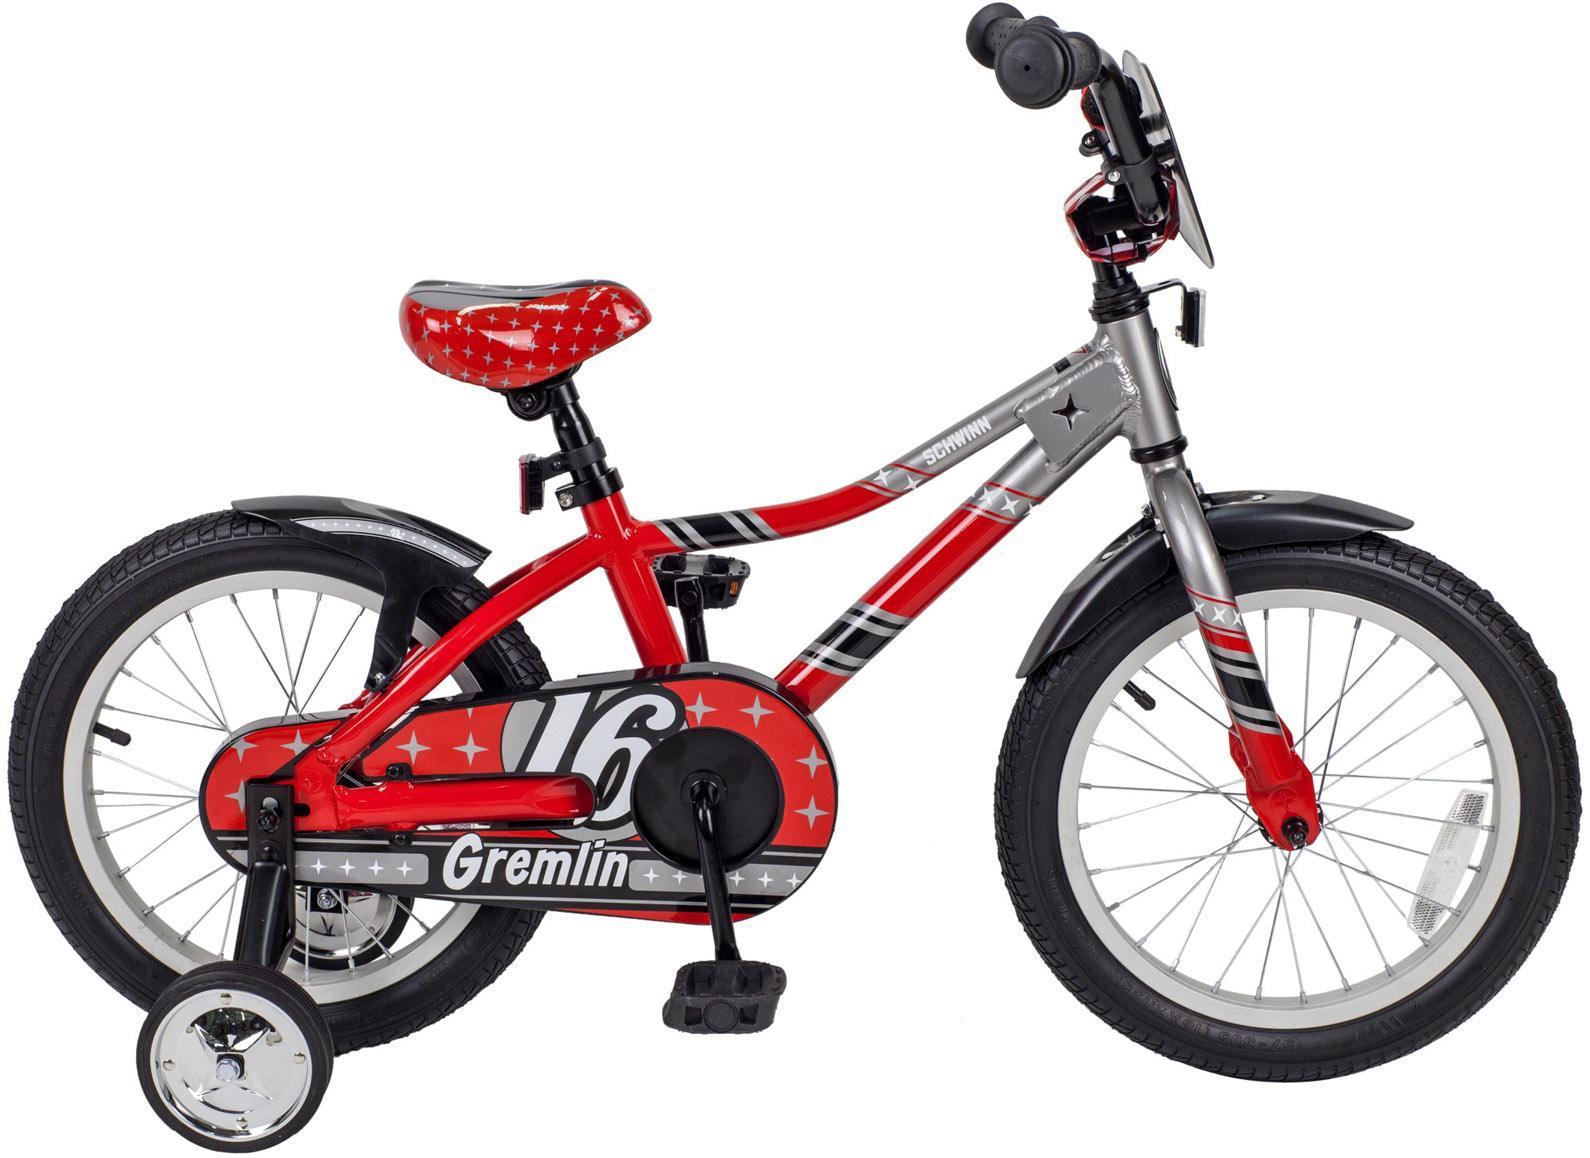 Велосипед детский Schwinn Gremlin (2015) Red-Silver43243Schwinn Gremlin 2015 года – это детский велосипед начального уровня для мальчиков, рассчитанный на возраст от 4 до 6 лет. Яркая, красивая и оригинальная модель доступна в двух цветах. Обладая такими визуальными достоинствами, велосипед остается комфортным и безопасным в использовании. Ребенку будет очень удобно и просто на нем кататься, ведь он оборудован ножным тормозом и не имеет переключения передач. Бренд Schwinn – это качество! Gremlin обязательно понравится вам и вашему ребенку!Вилка: SchwinnСедло: Schwinn Sidewalk KidsЦепь: KMC Z410Спицы: Stainless 14gЗадняя втулка: SchwinnЗадняя покрышка: SchwinnПередняя покрышка: SchwinnРазмер рамы: 16.0Какой велосипед выбрать? Статья OZON Гид